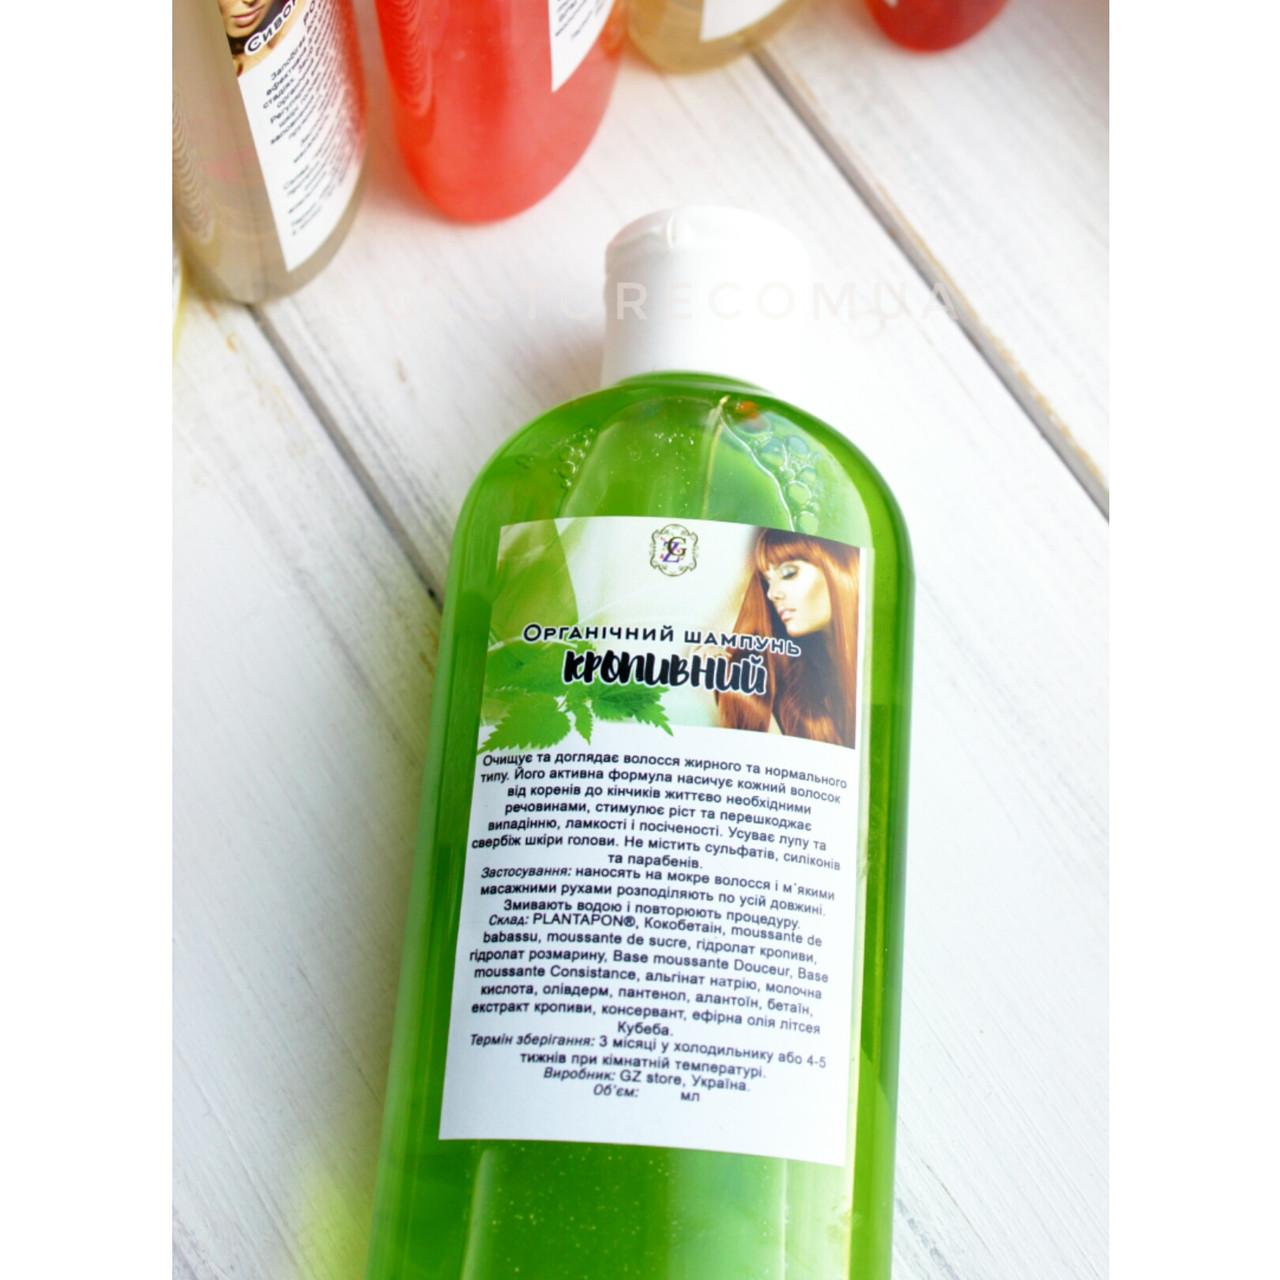 Безсульфатный шампунь для жирных и нормальных волос «Крапивный» 200мл